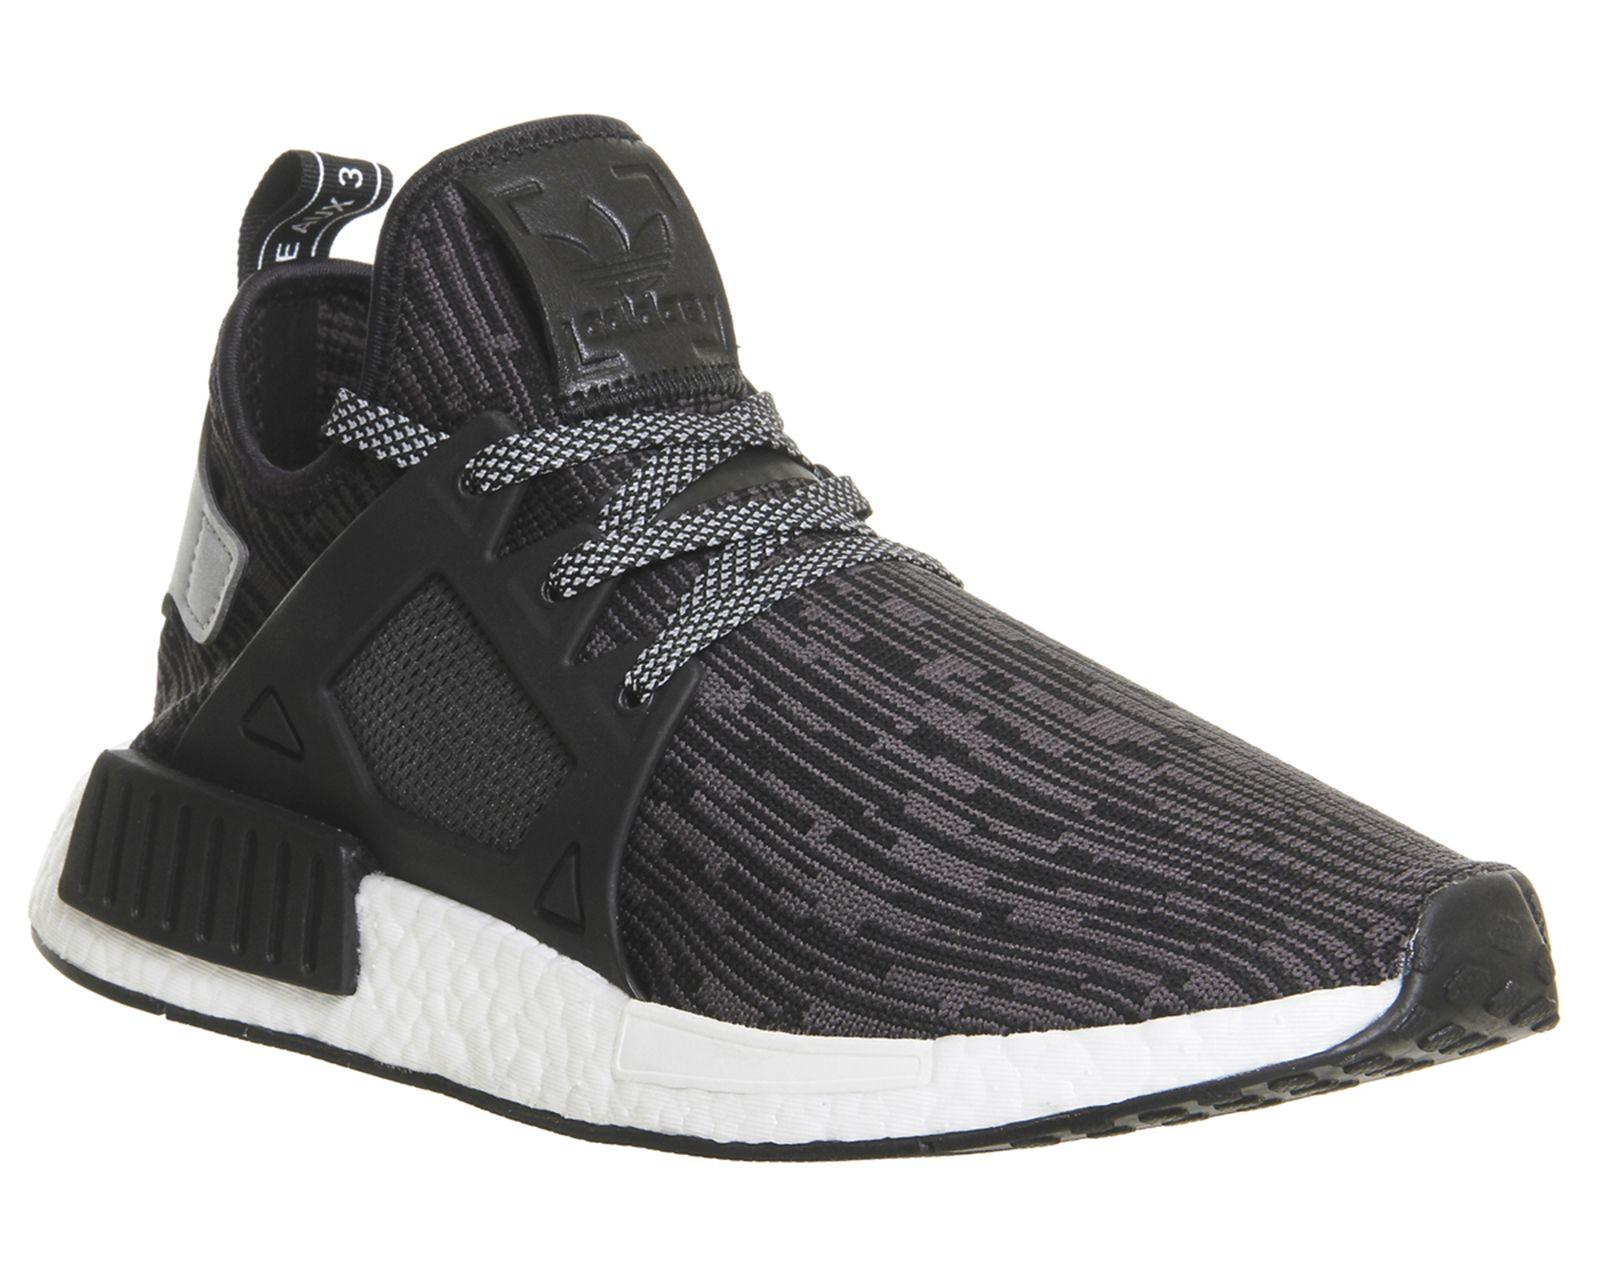 adidas nmd xr1 black and grey